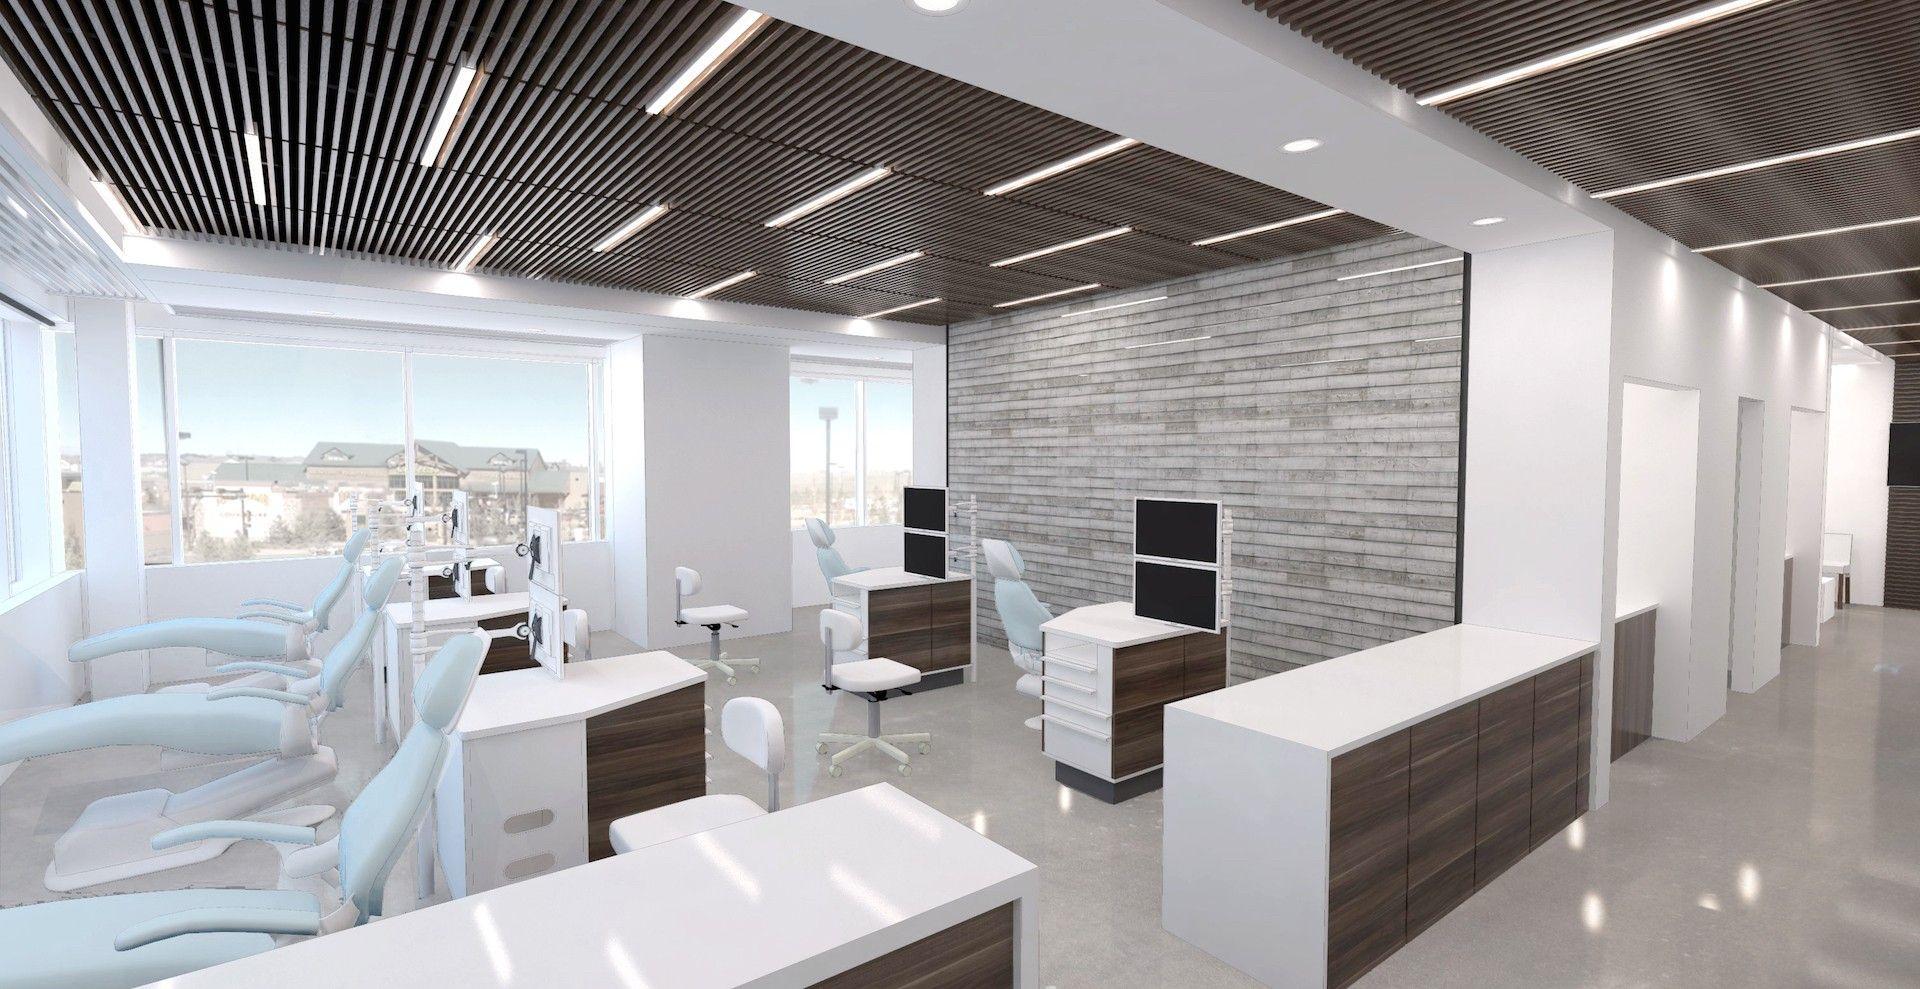 Orthodontist Office